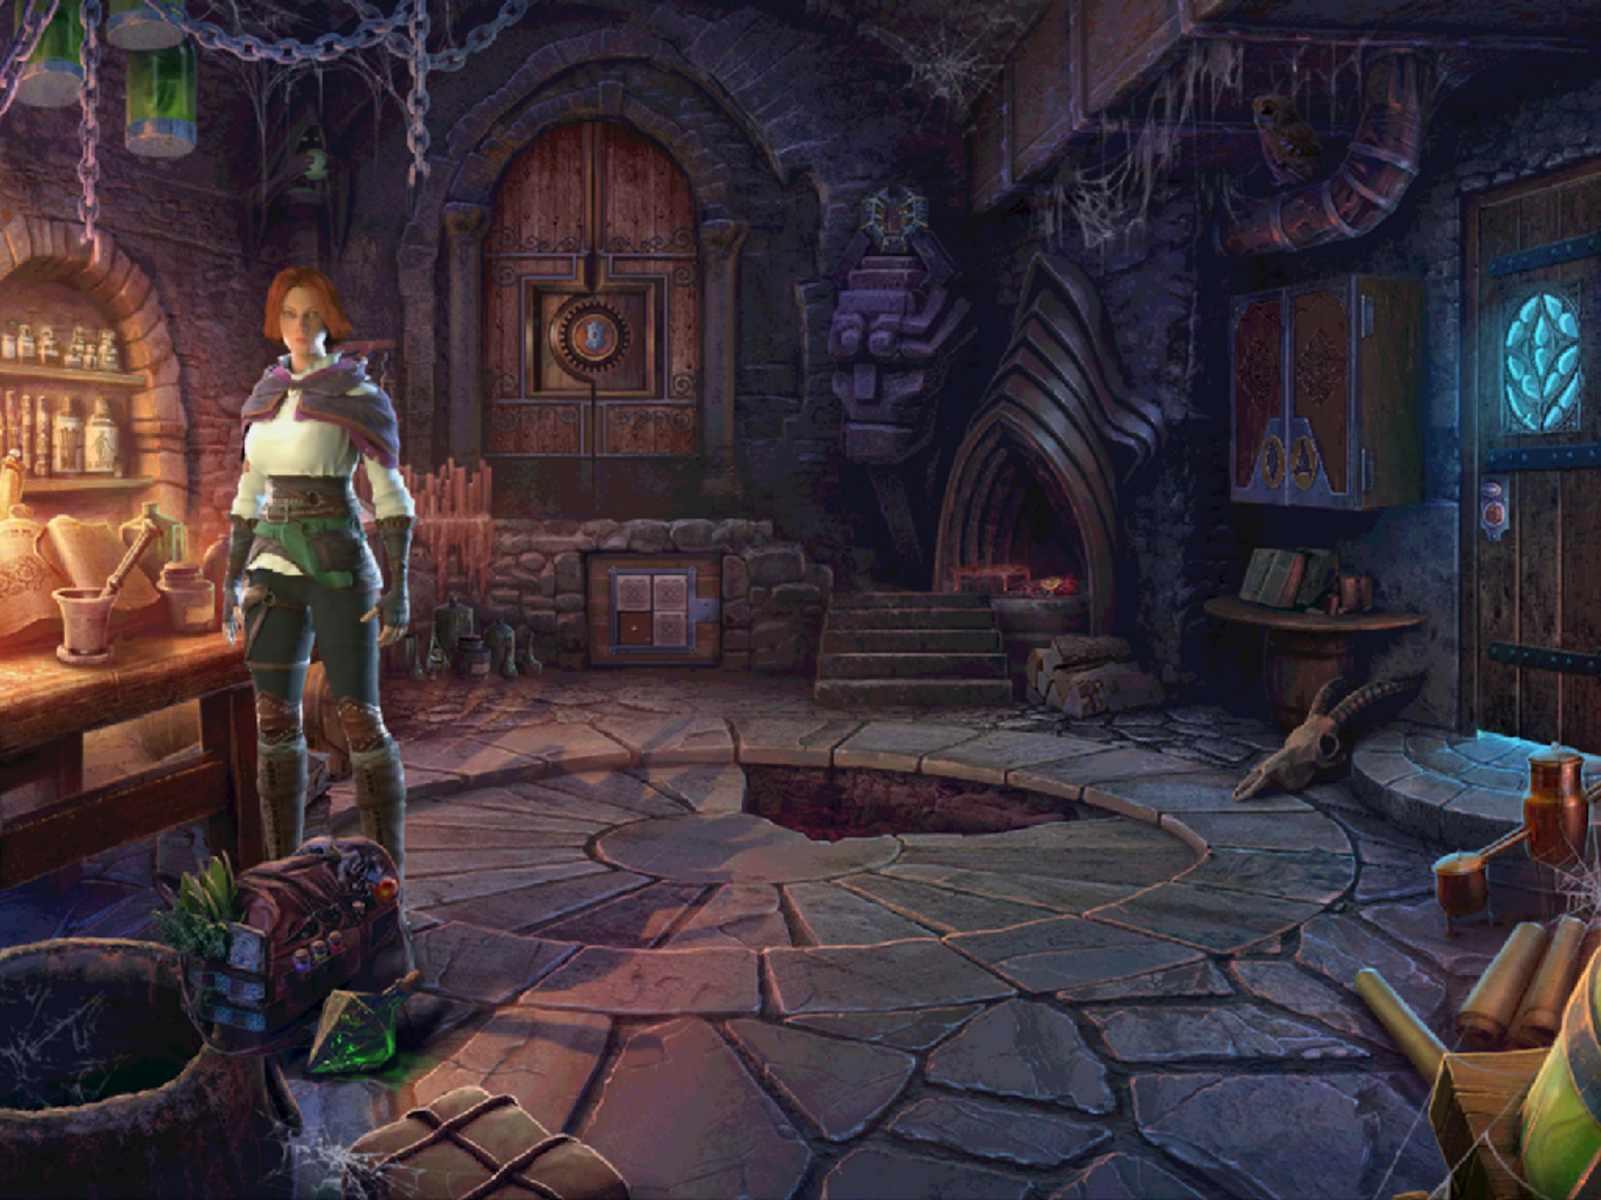 دانلود League of Light: The Game 1.0 – بازی ماجراجویی اتحاد نور اندروید